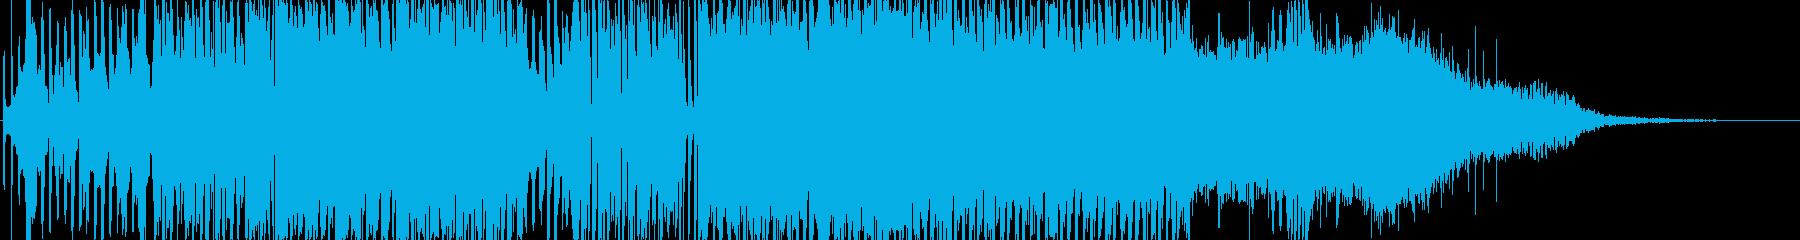 ナイトショーで使えそうなBGMの再生済みの波形